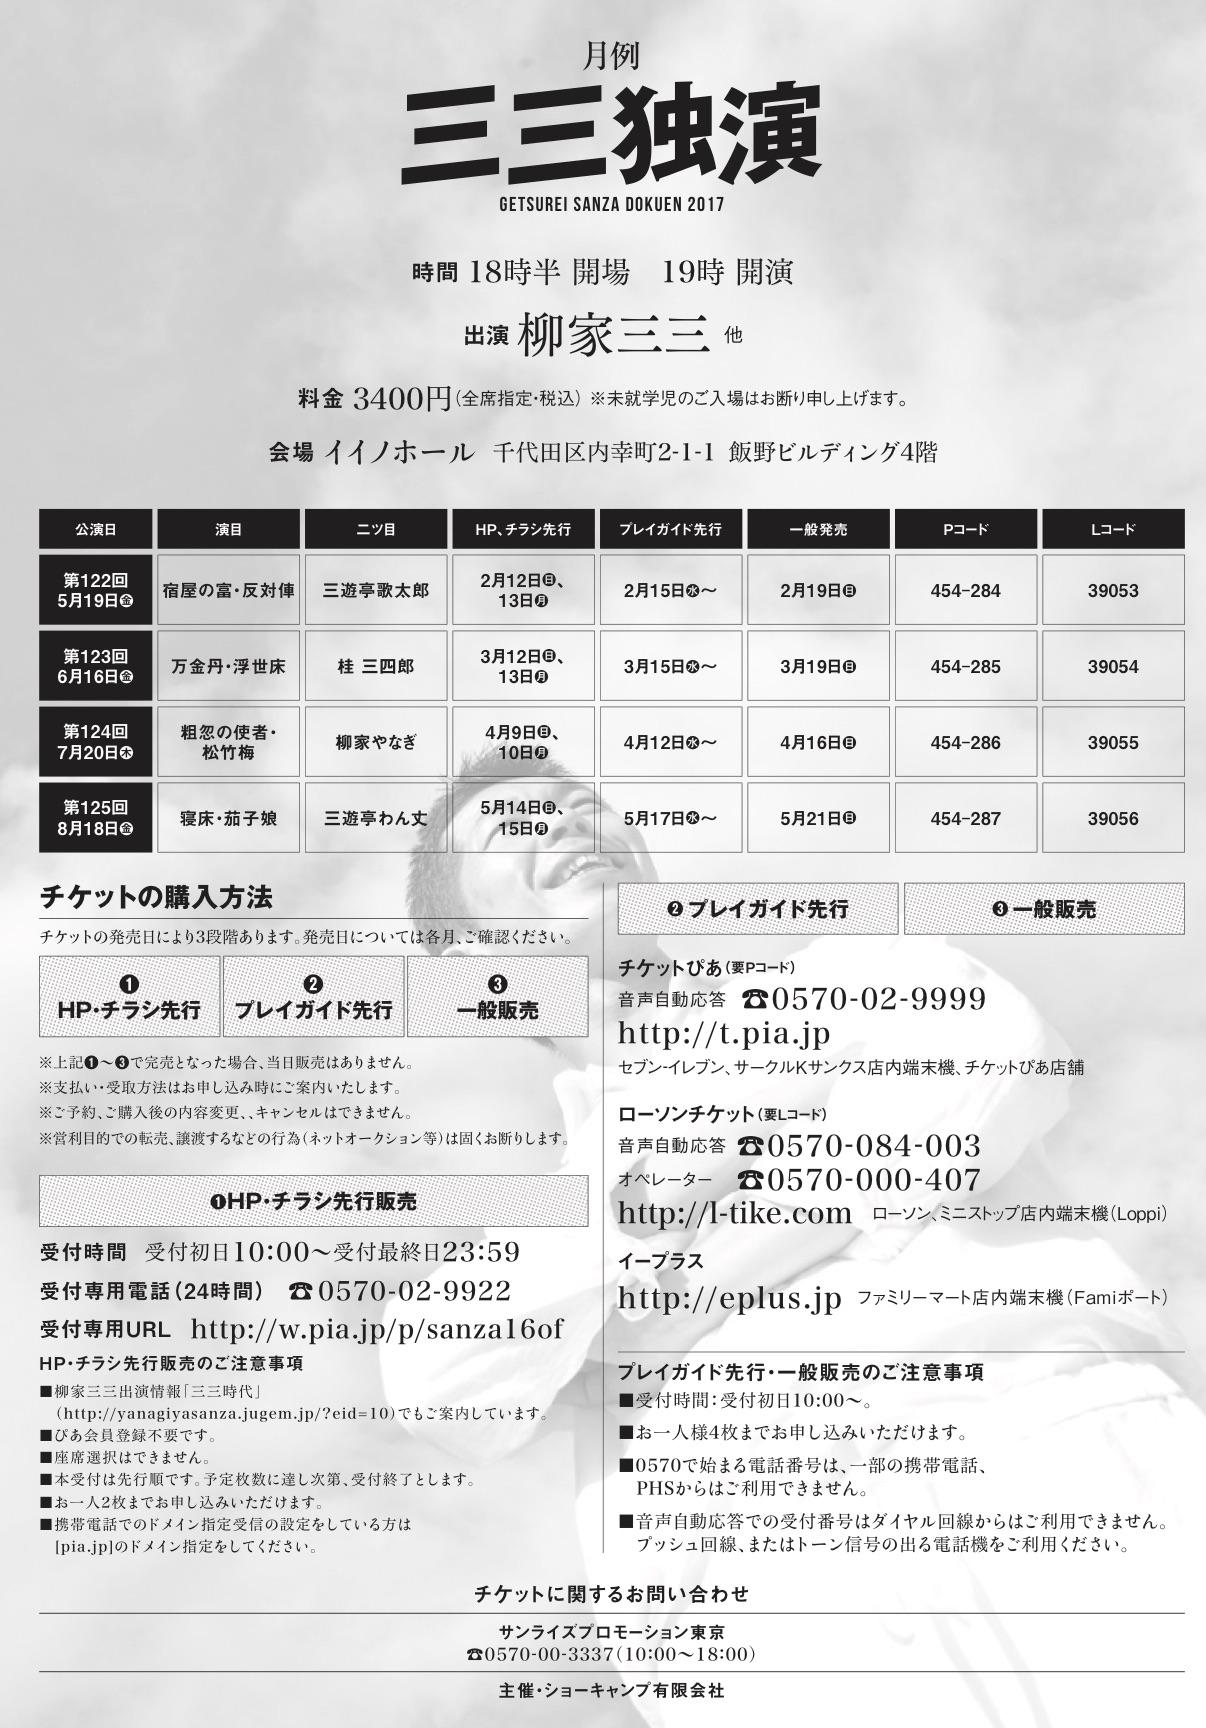 2017_三三独演_確認用のコピー2.jpg